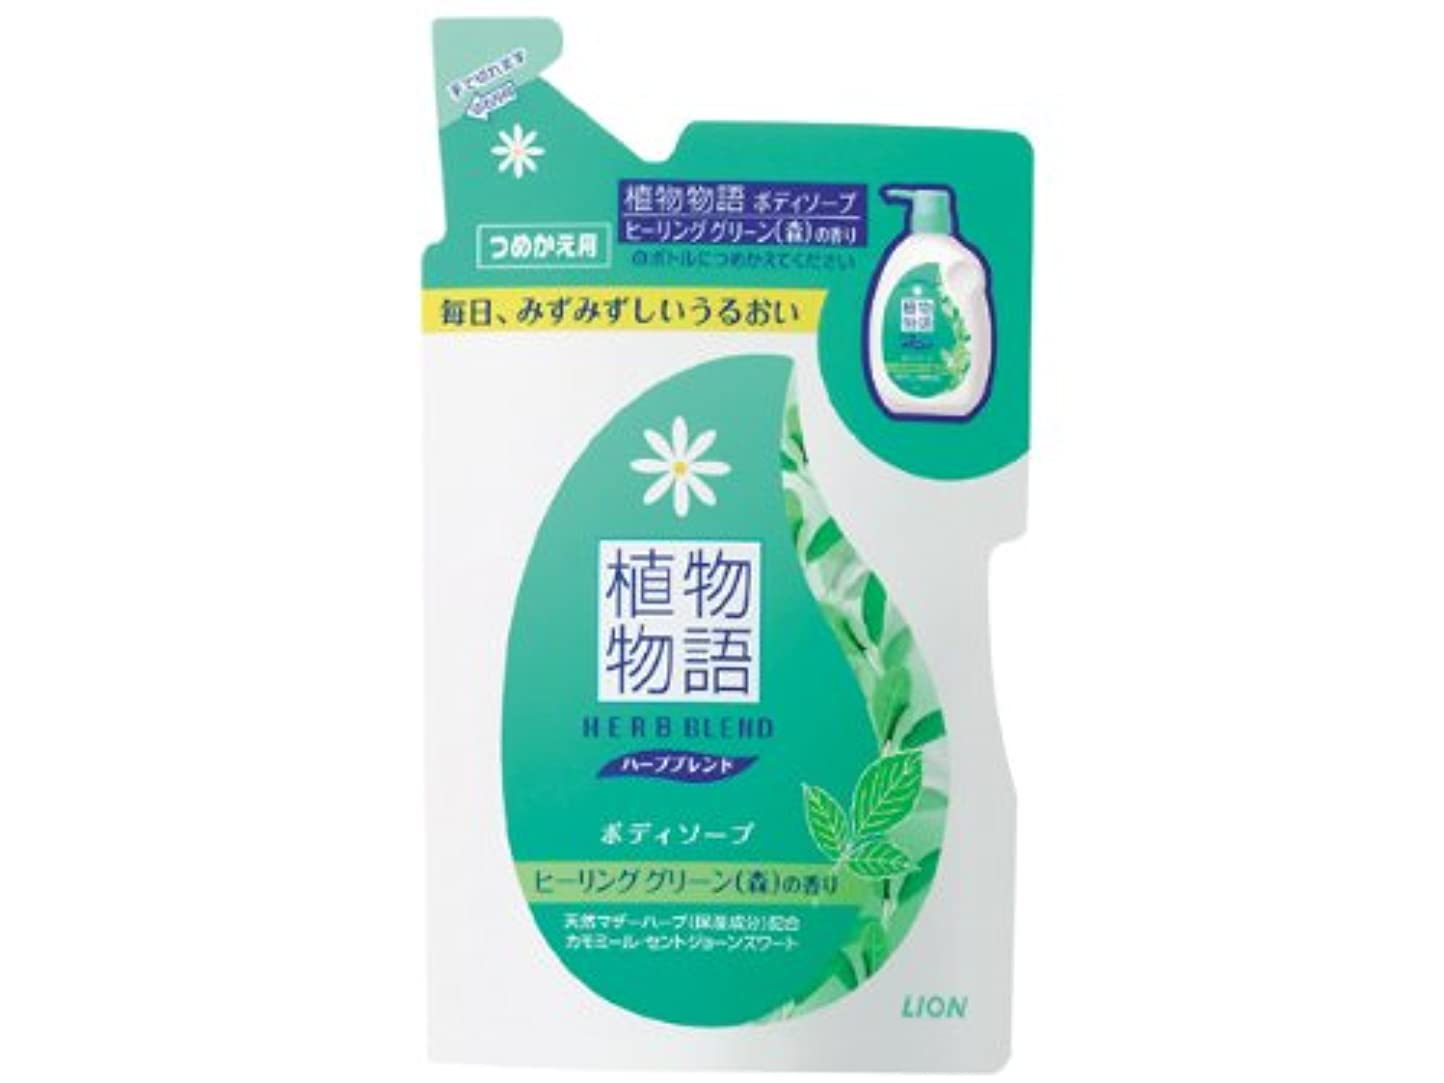 芽ドメインディレイ植物物語 ハーブブレンド ボディソープ ヒーリンググリーン(森)の香り つめかえ用 420ml